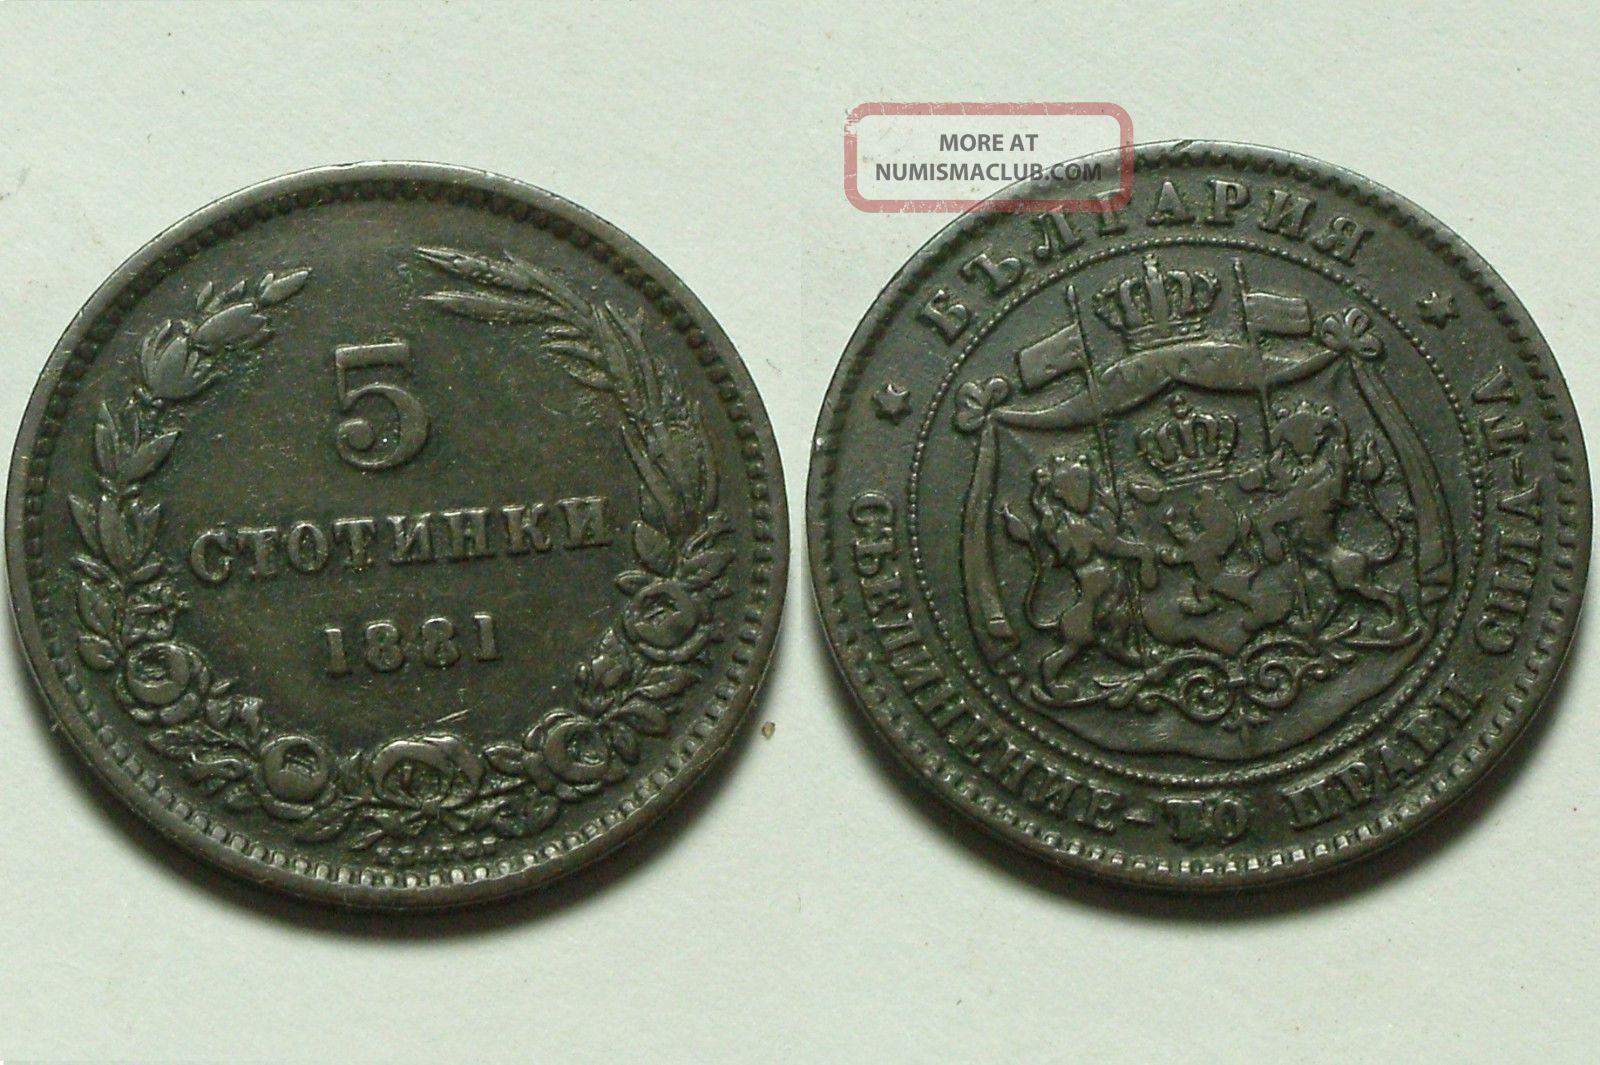 Rare Kingdom Bulgaria 5 Stotinki Coin Standard Lion Crown Europe 1881 Alexander Bulgaria photo